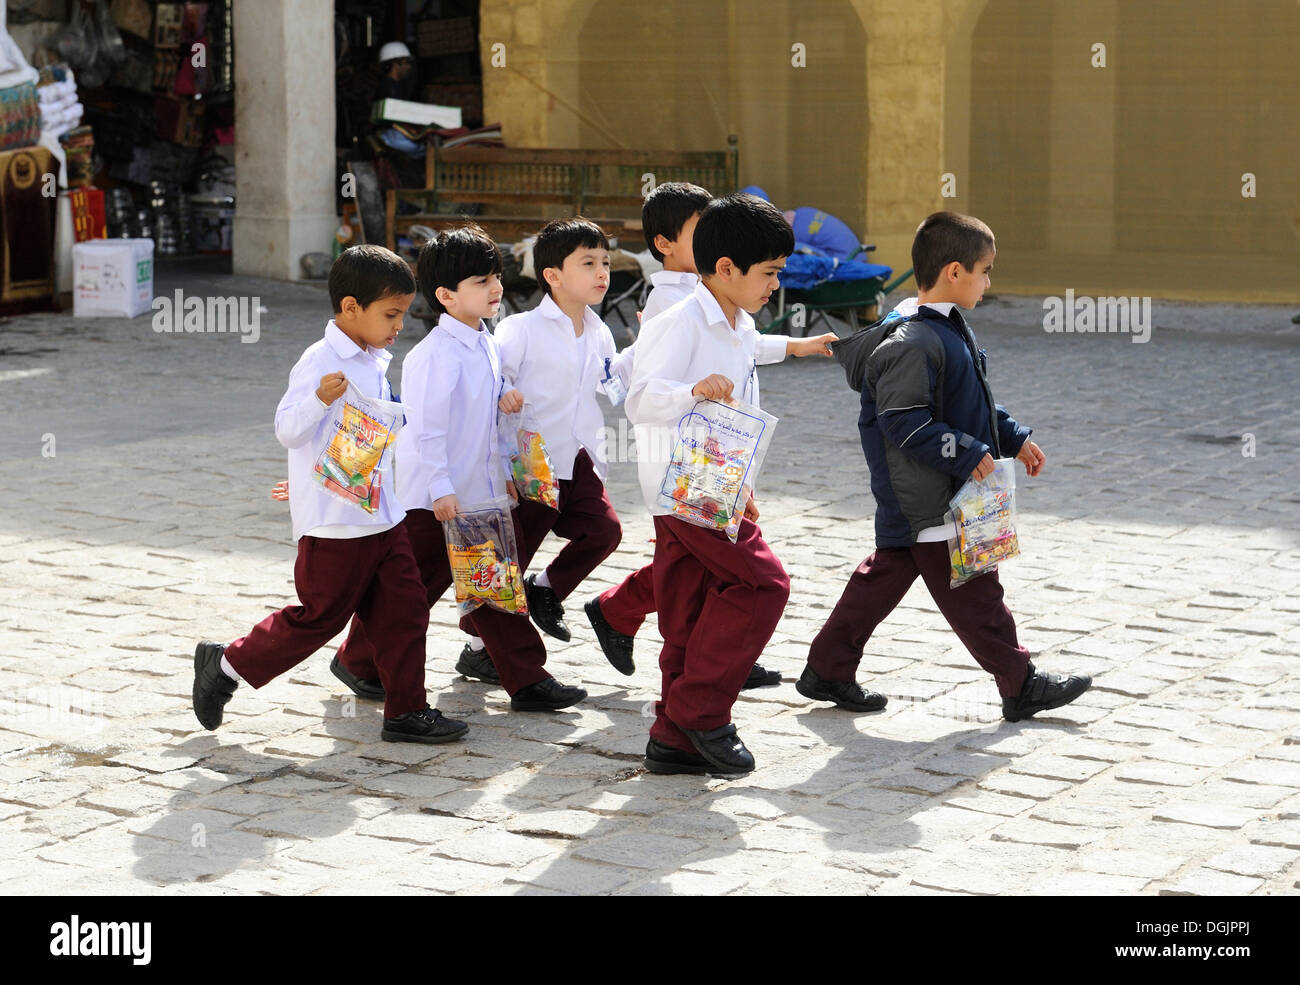 Los niños de la escuela vistiendo uniformes escolares, Doha, Qatar, la Península Arábiga, en el Golfo Pérsico, Oriente Medio, Asia Imagen De Stock